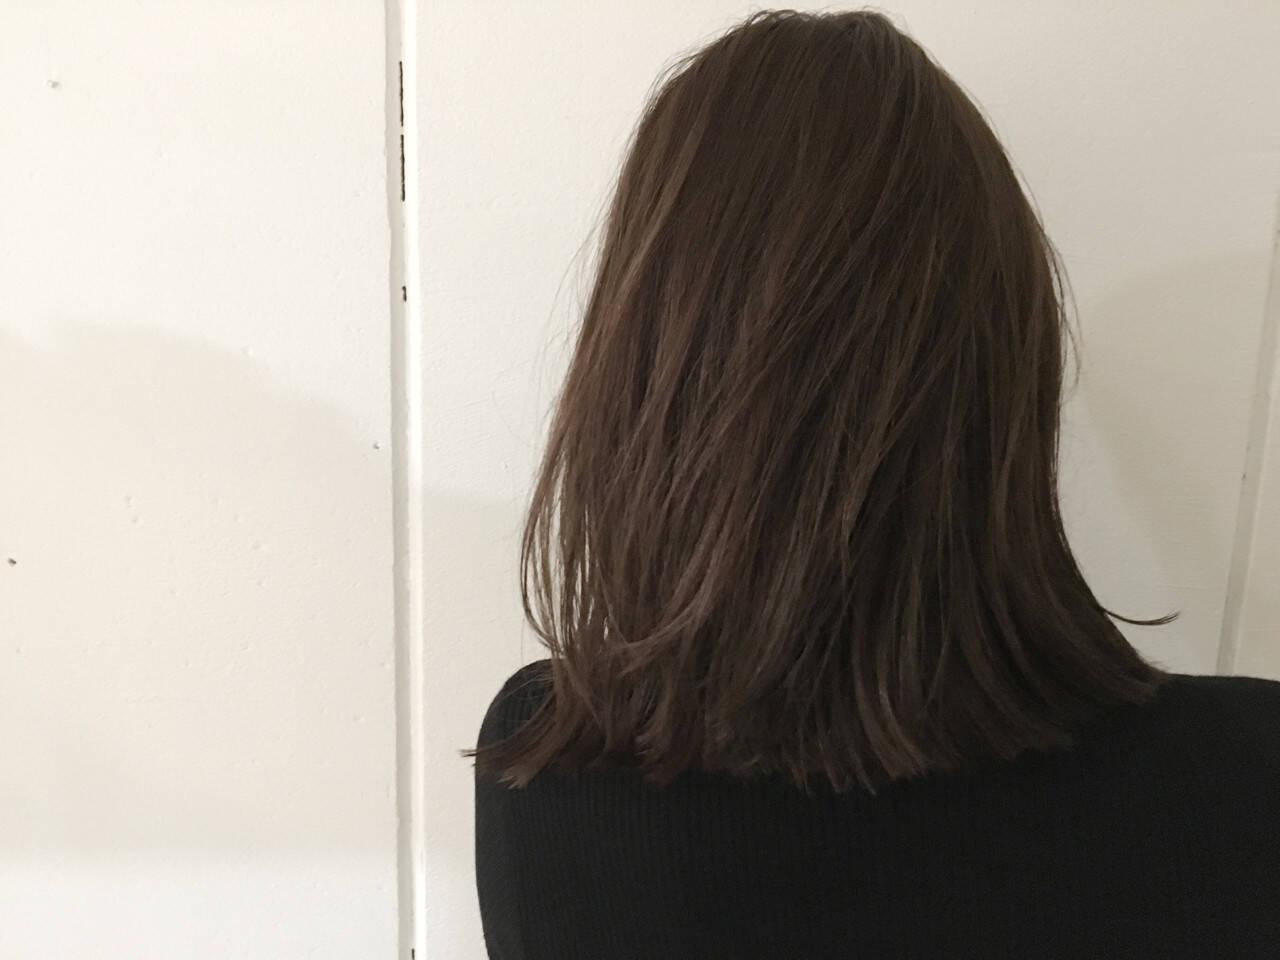 抜け感 アッシュ ナチュラル グレージュヘアスタイルや髪型の写真・画像